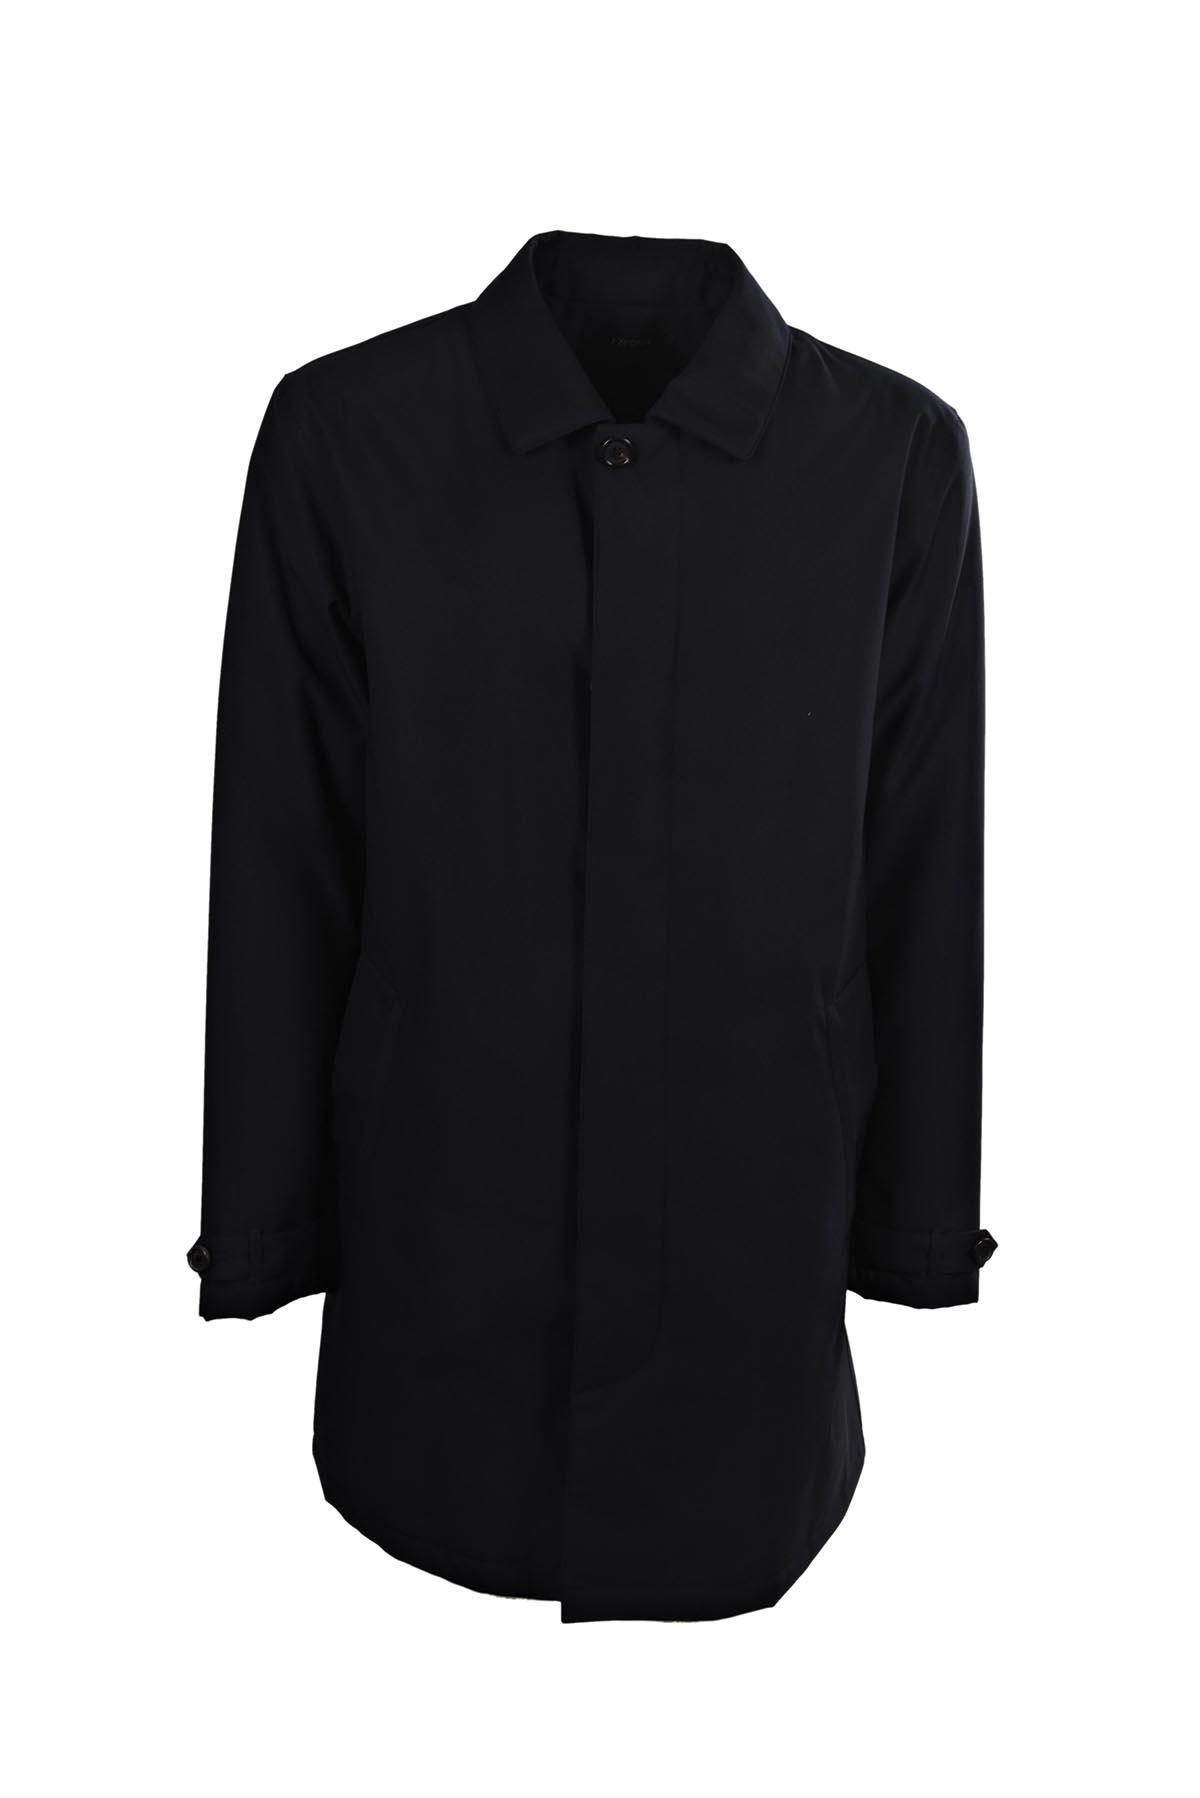 Ermenegildo Zegna Jacket In Bdk Blu